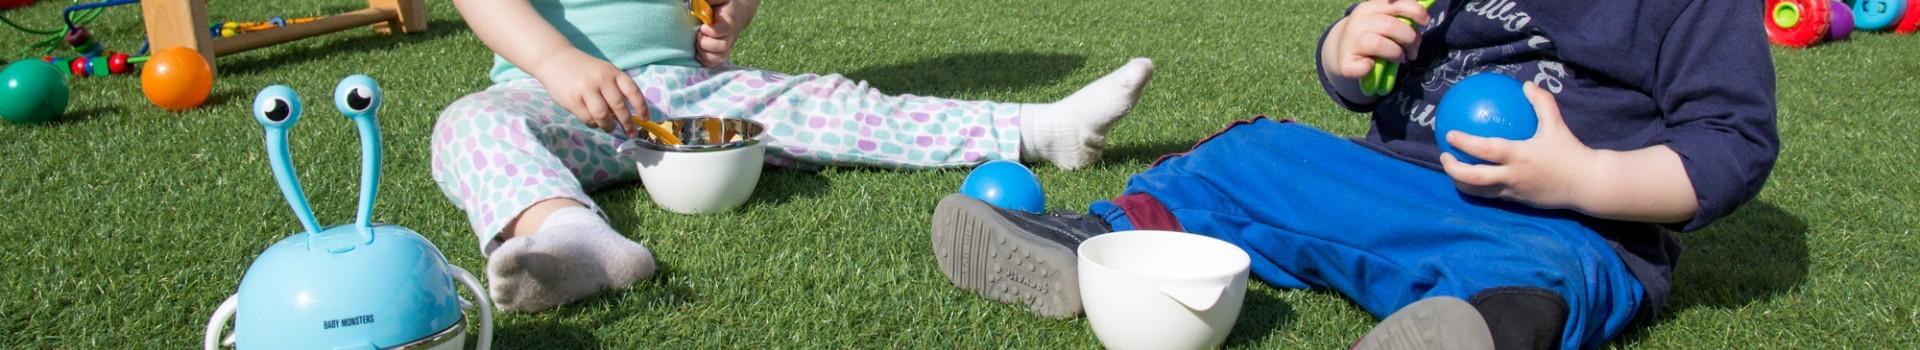 Productos de Seguridad para el bebé en el Hogar | Baby Monsters